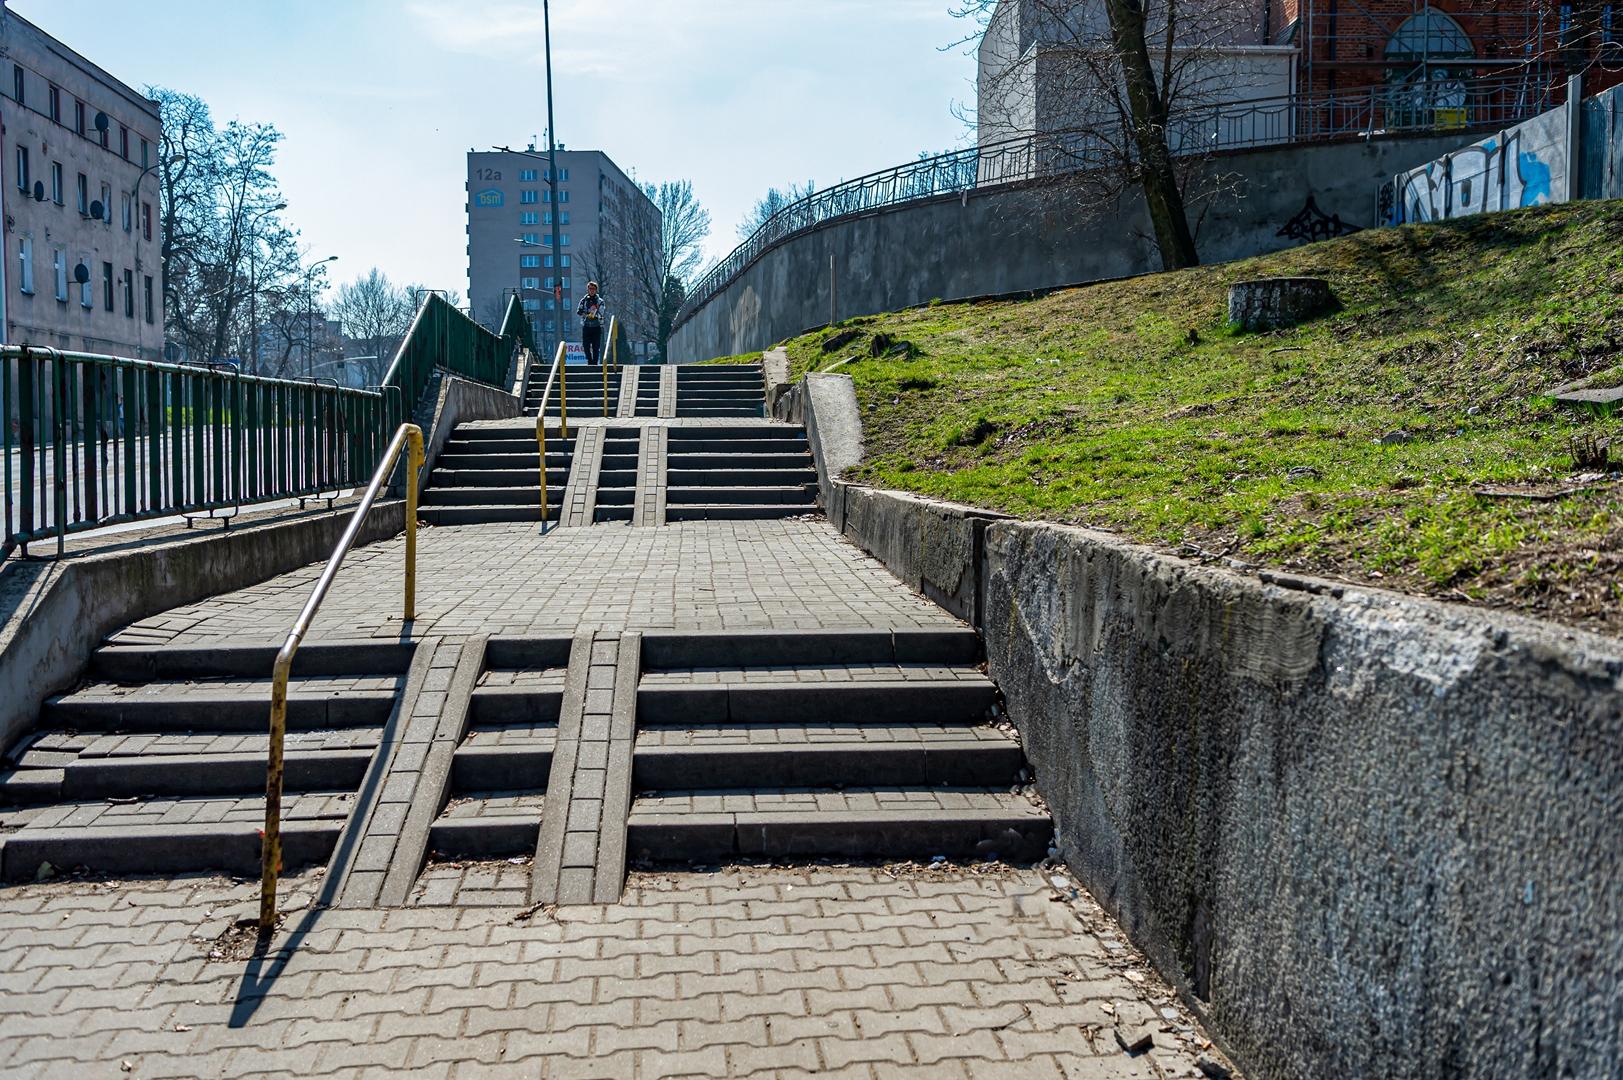 Modernizacja i dostosowanie do potrzeb osób niepełnosprawnych ciągu komunikacyjnego Śródmieście-Rozbark przy ul. Chorzowskiej - to jedna z inwestycji, na którą miasto pozyskało środki z RFIL-u